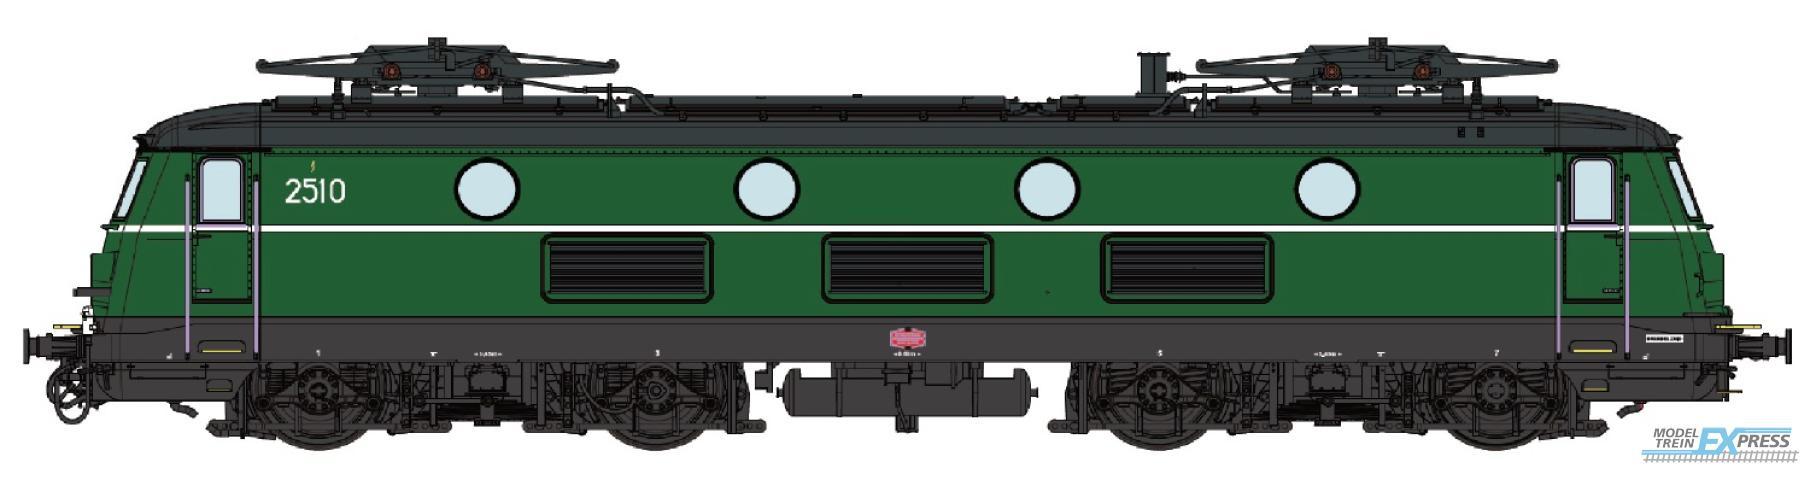 B-Models 3203.07